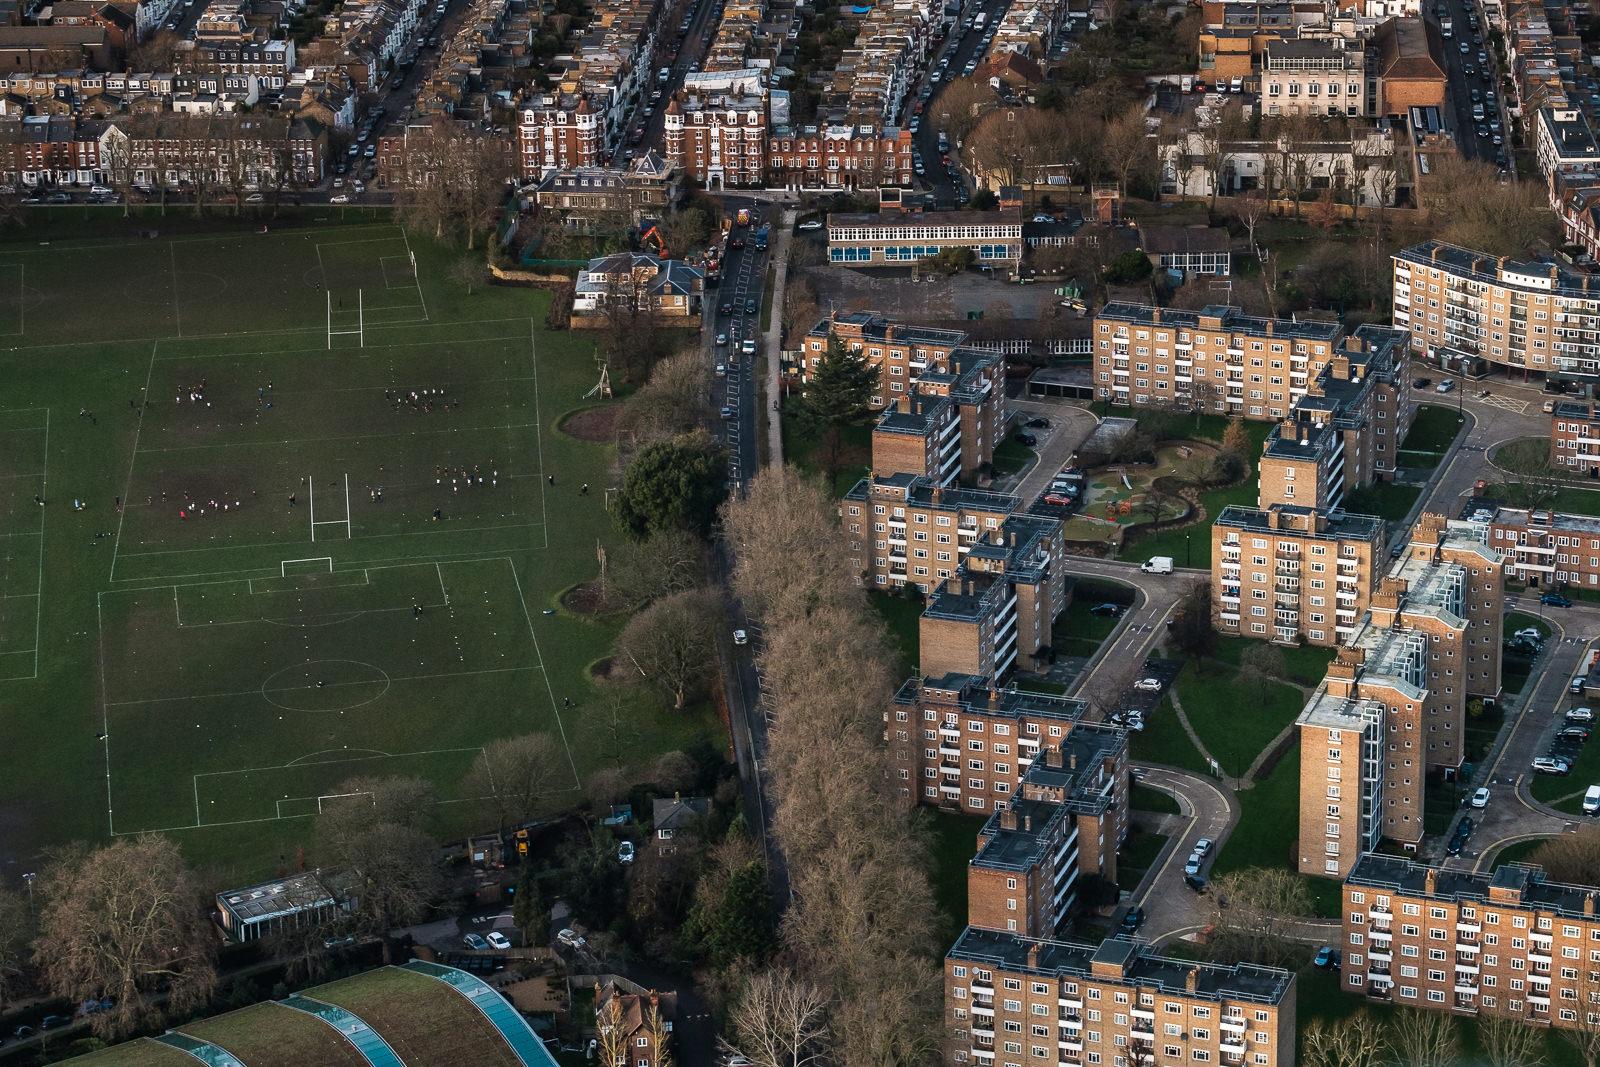 Parsons Green, Hurlingham Park; X-T2 ISO800 50-140mmf5.0 1/1000s